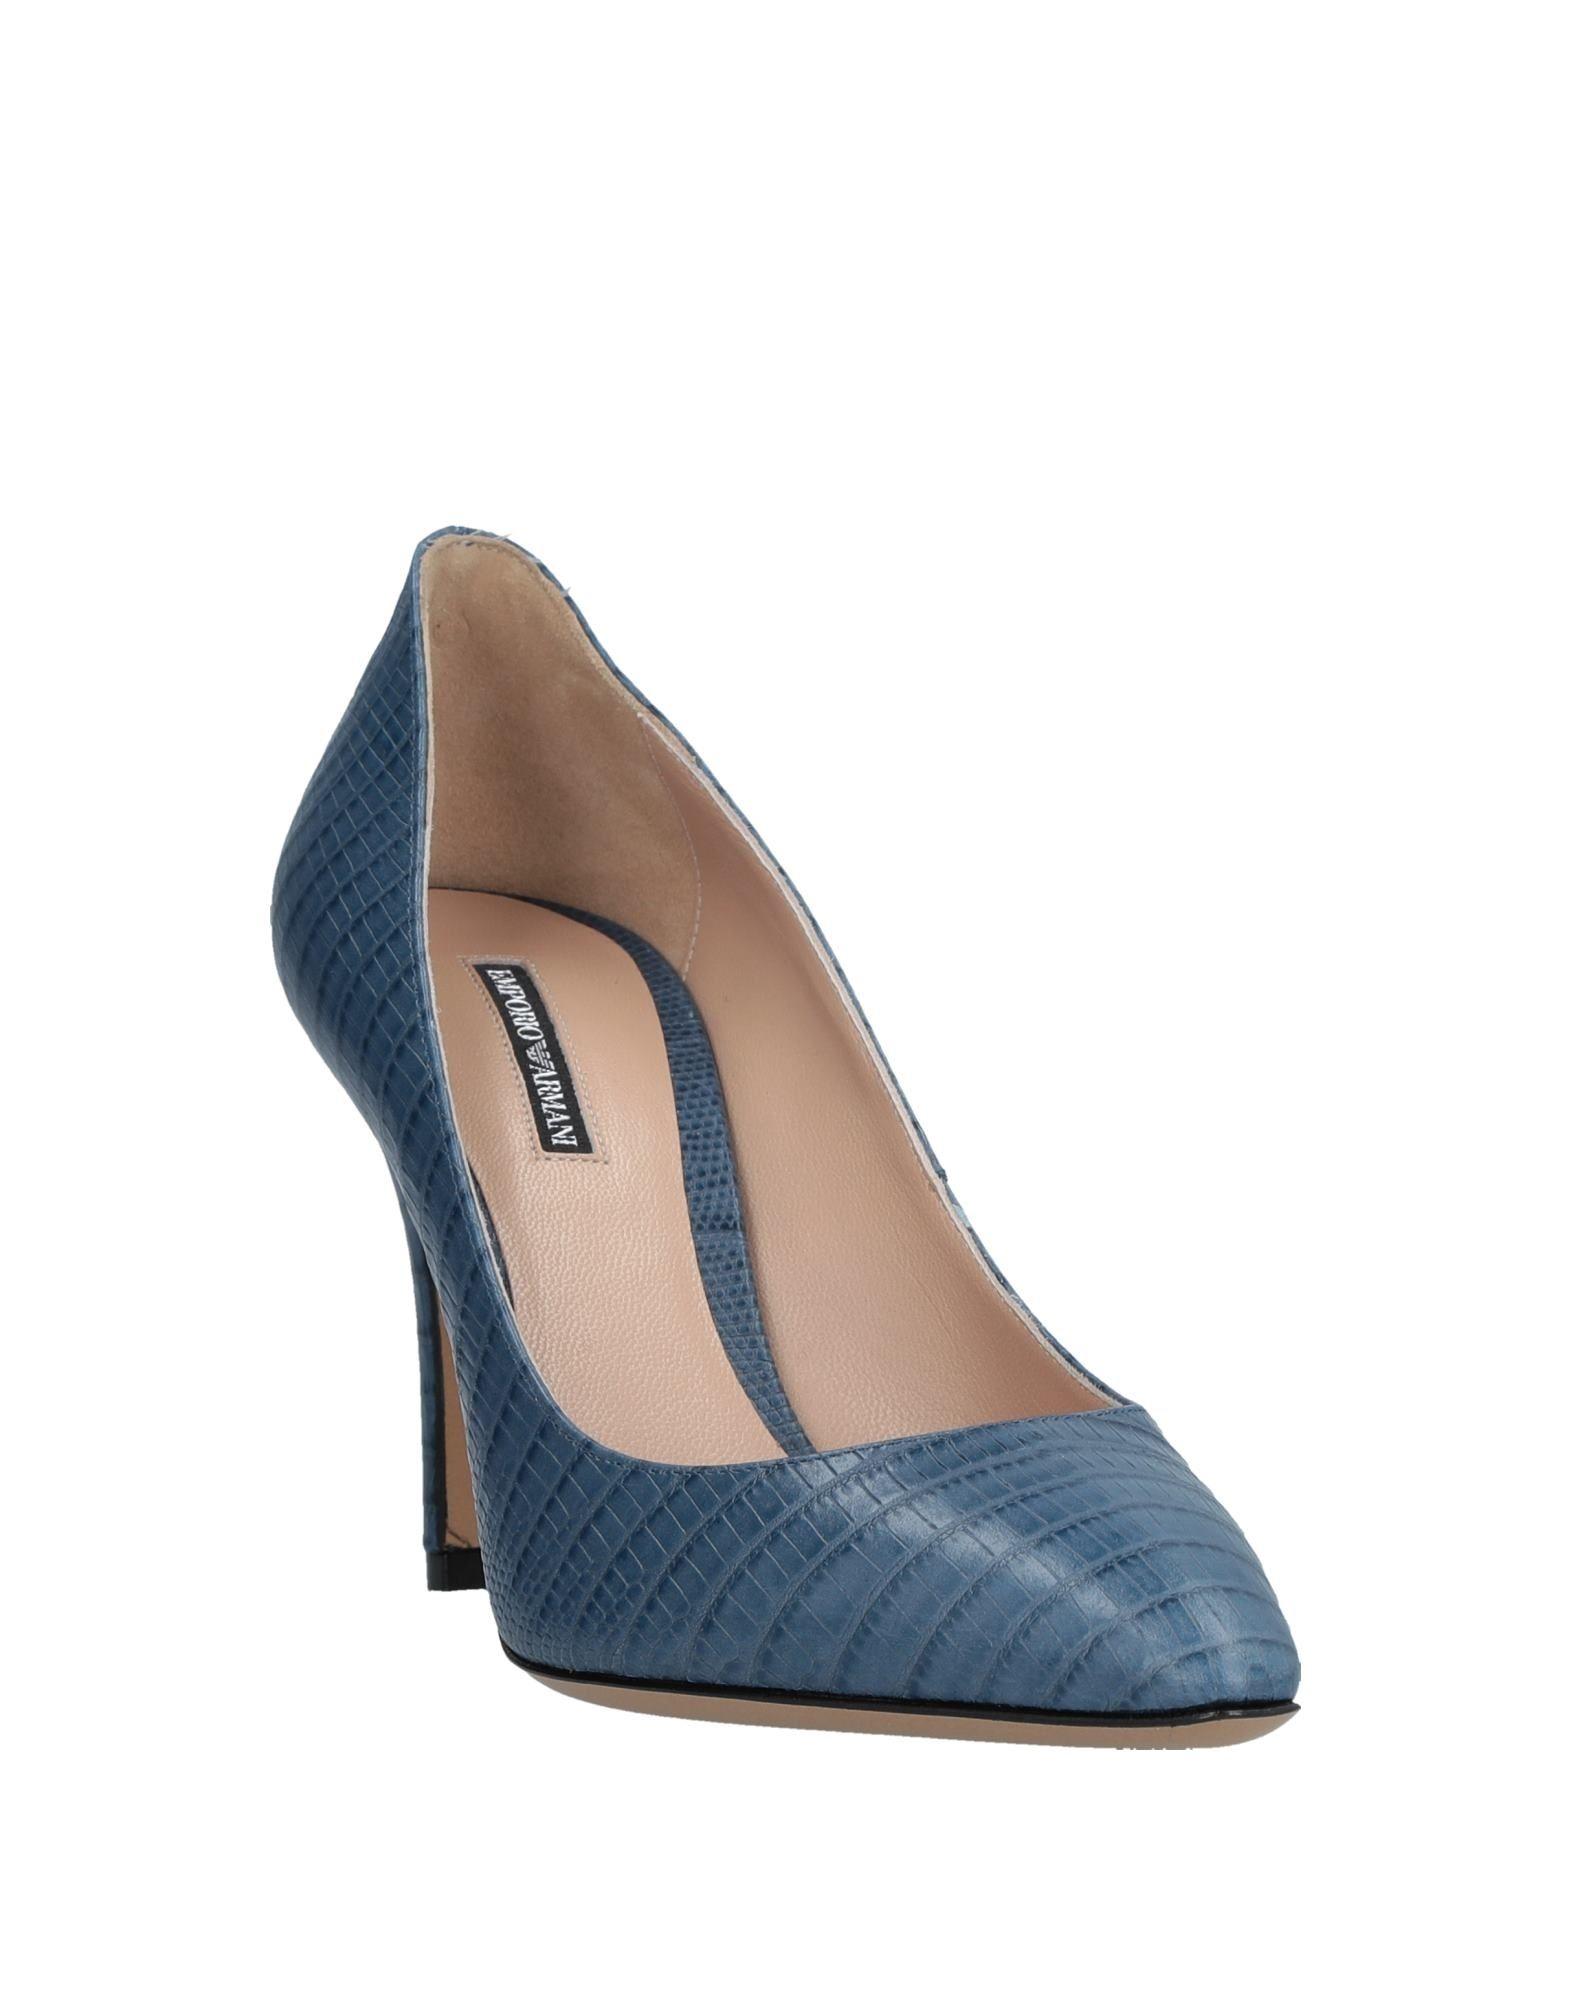 Rabatt Schuhe Schuhe Rabatt Emporio Armani Pumps Damen  11530494SB 915ed2